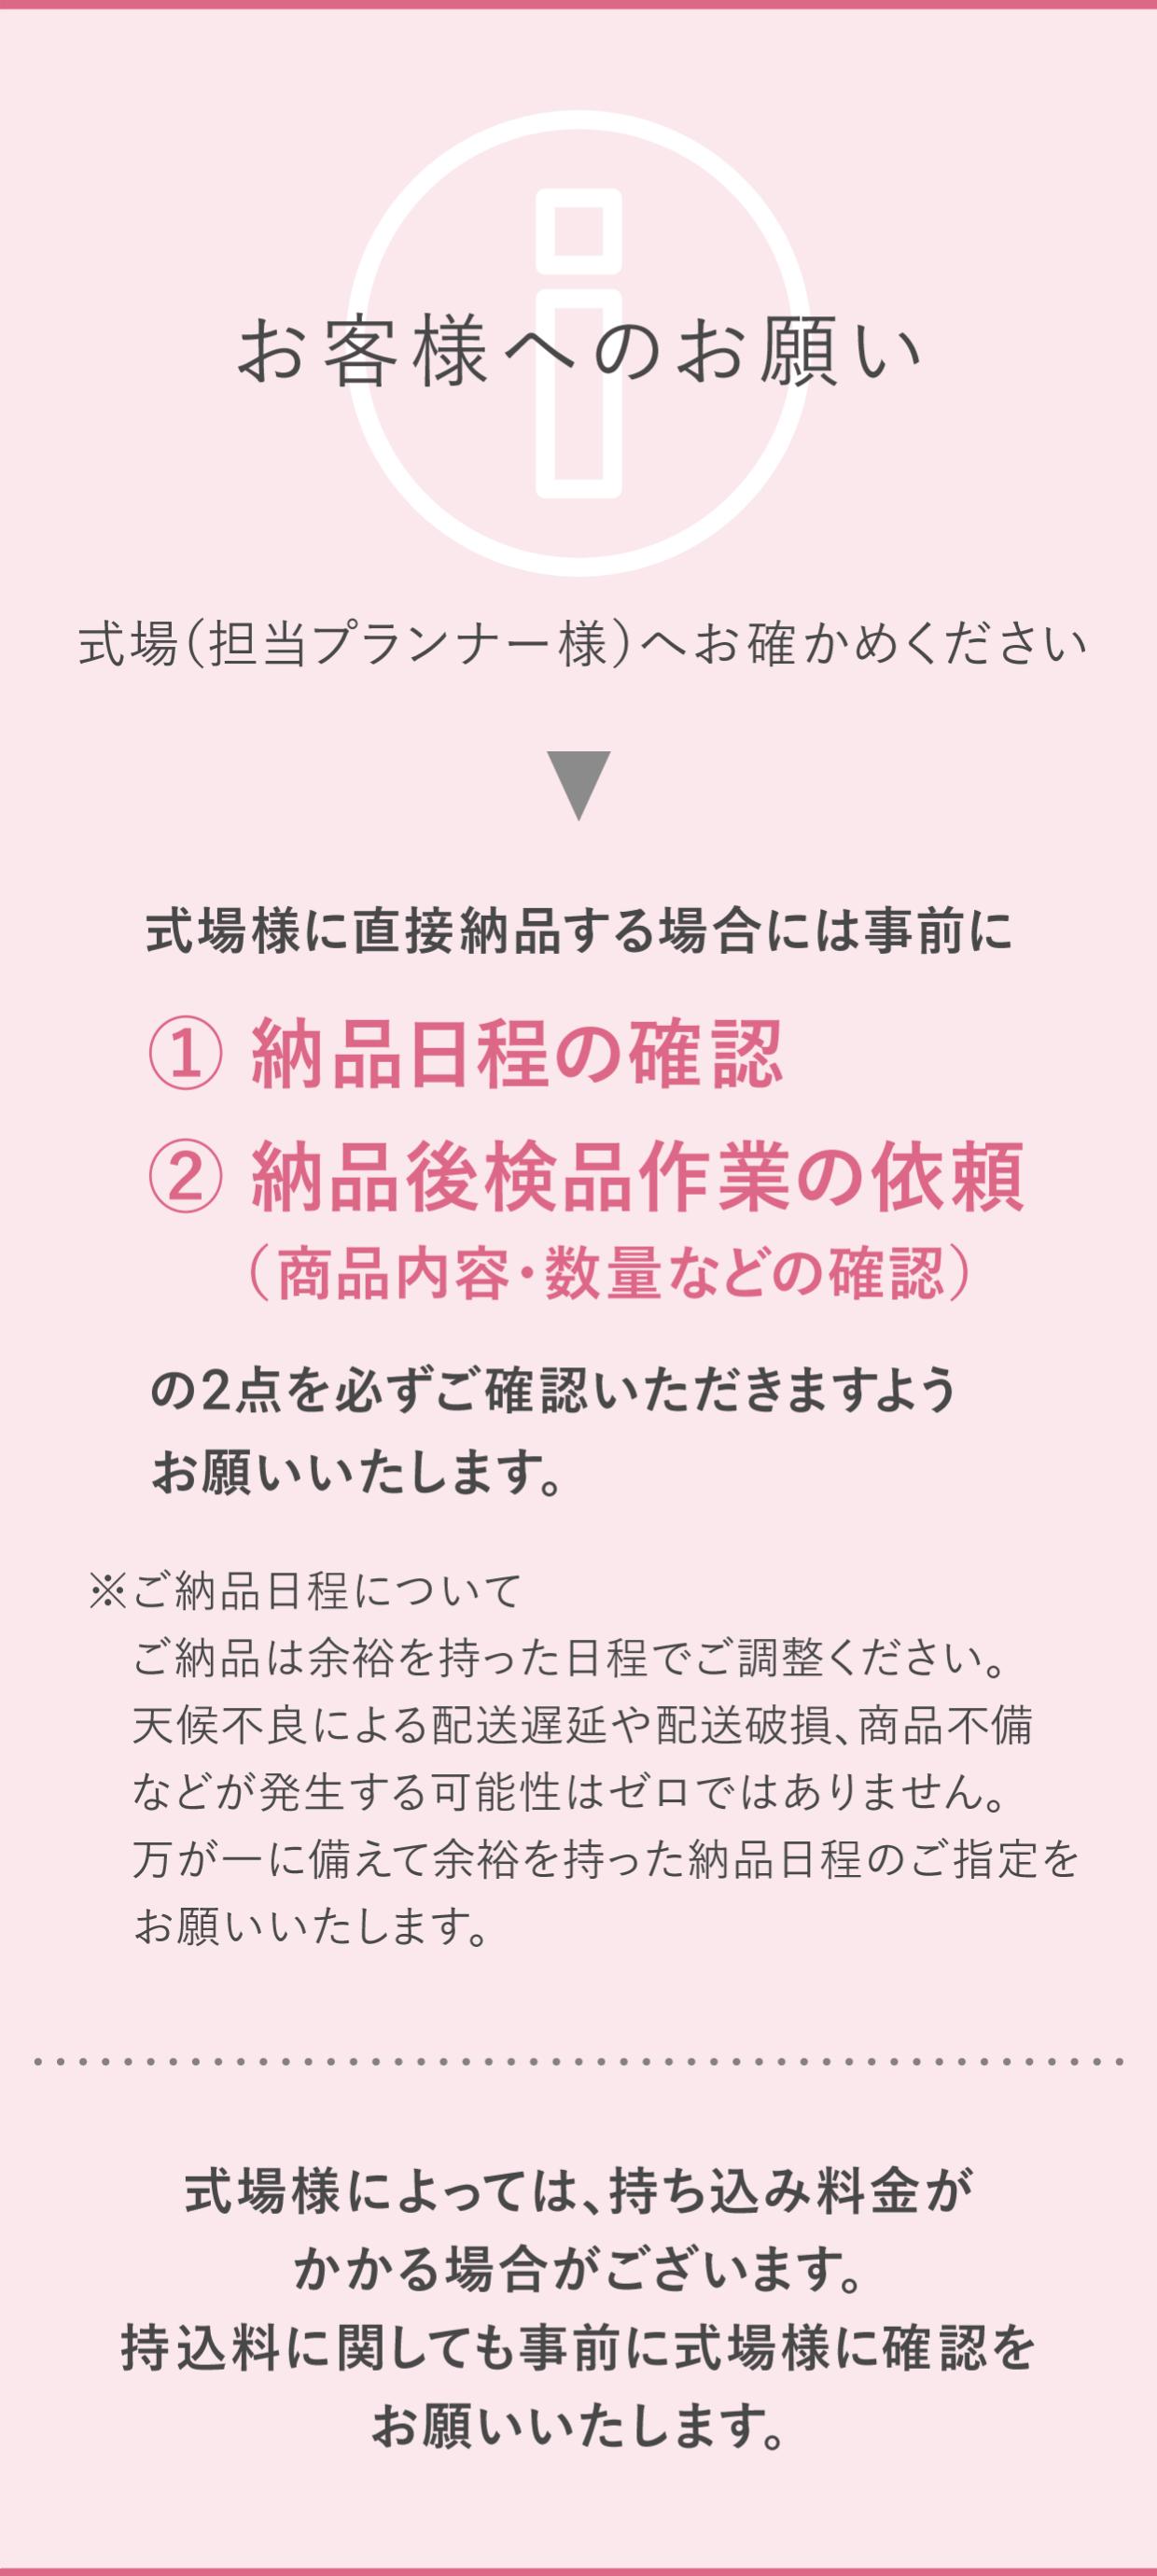 Info 05